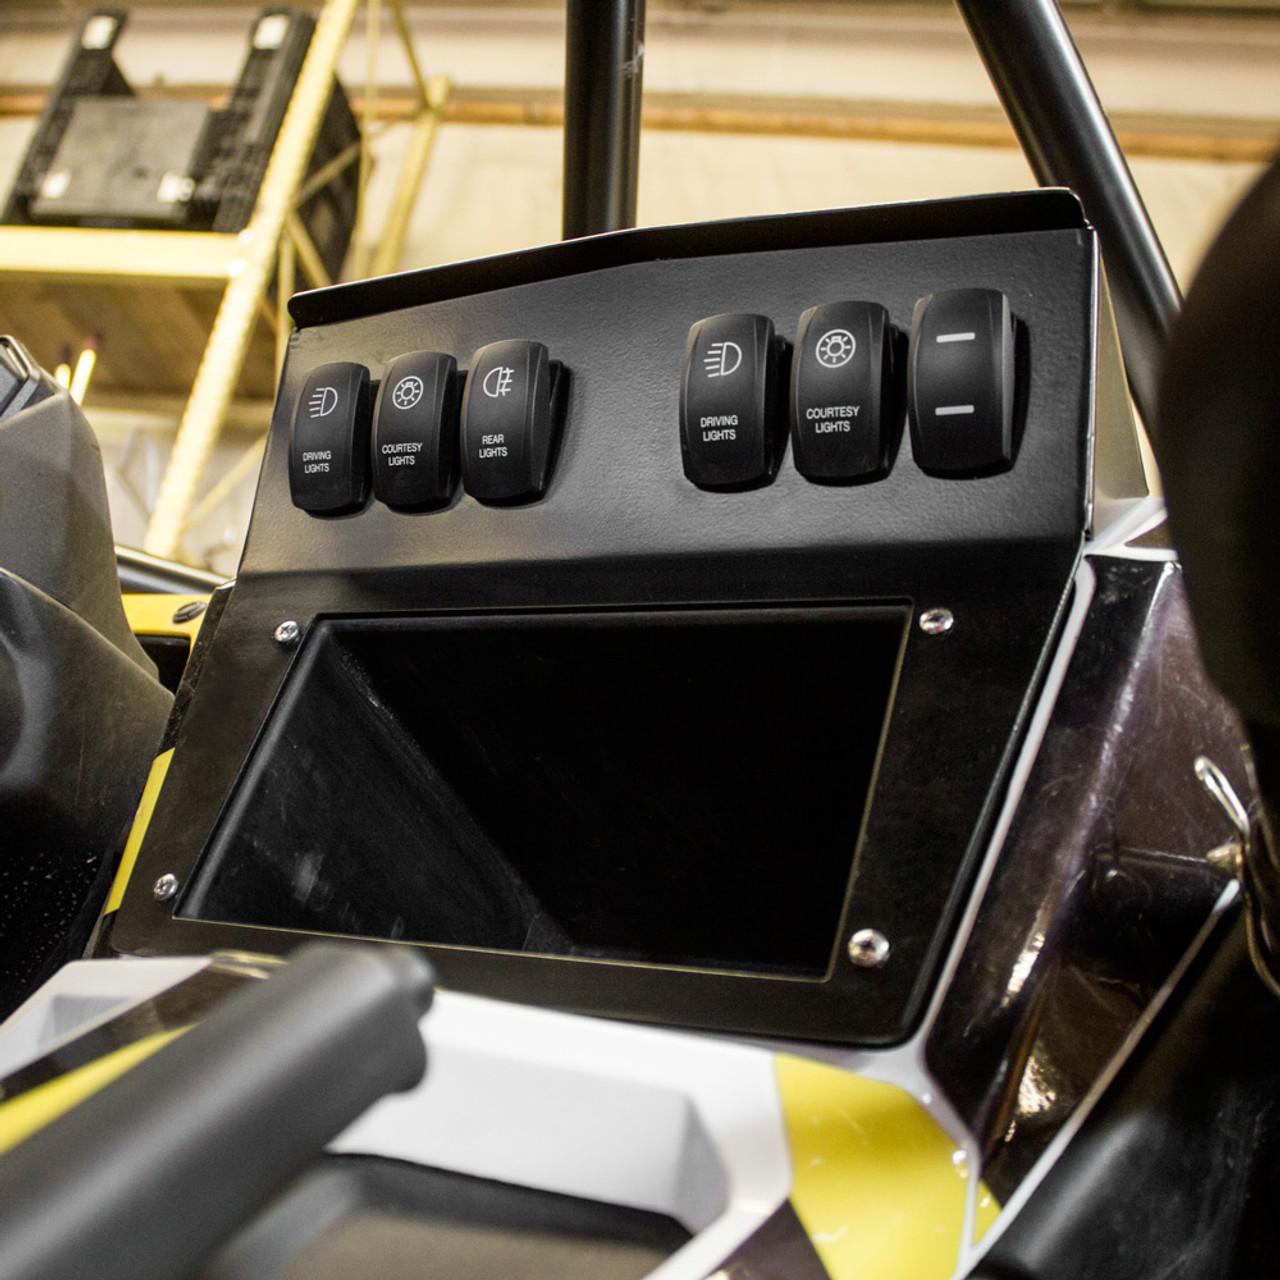 NEW 2016 Yamaha YXZ1000R BLACK DASH PANEL 5 FREE BACK-LIT SWITCHES